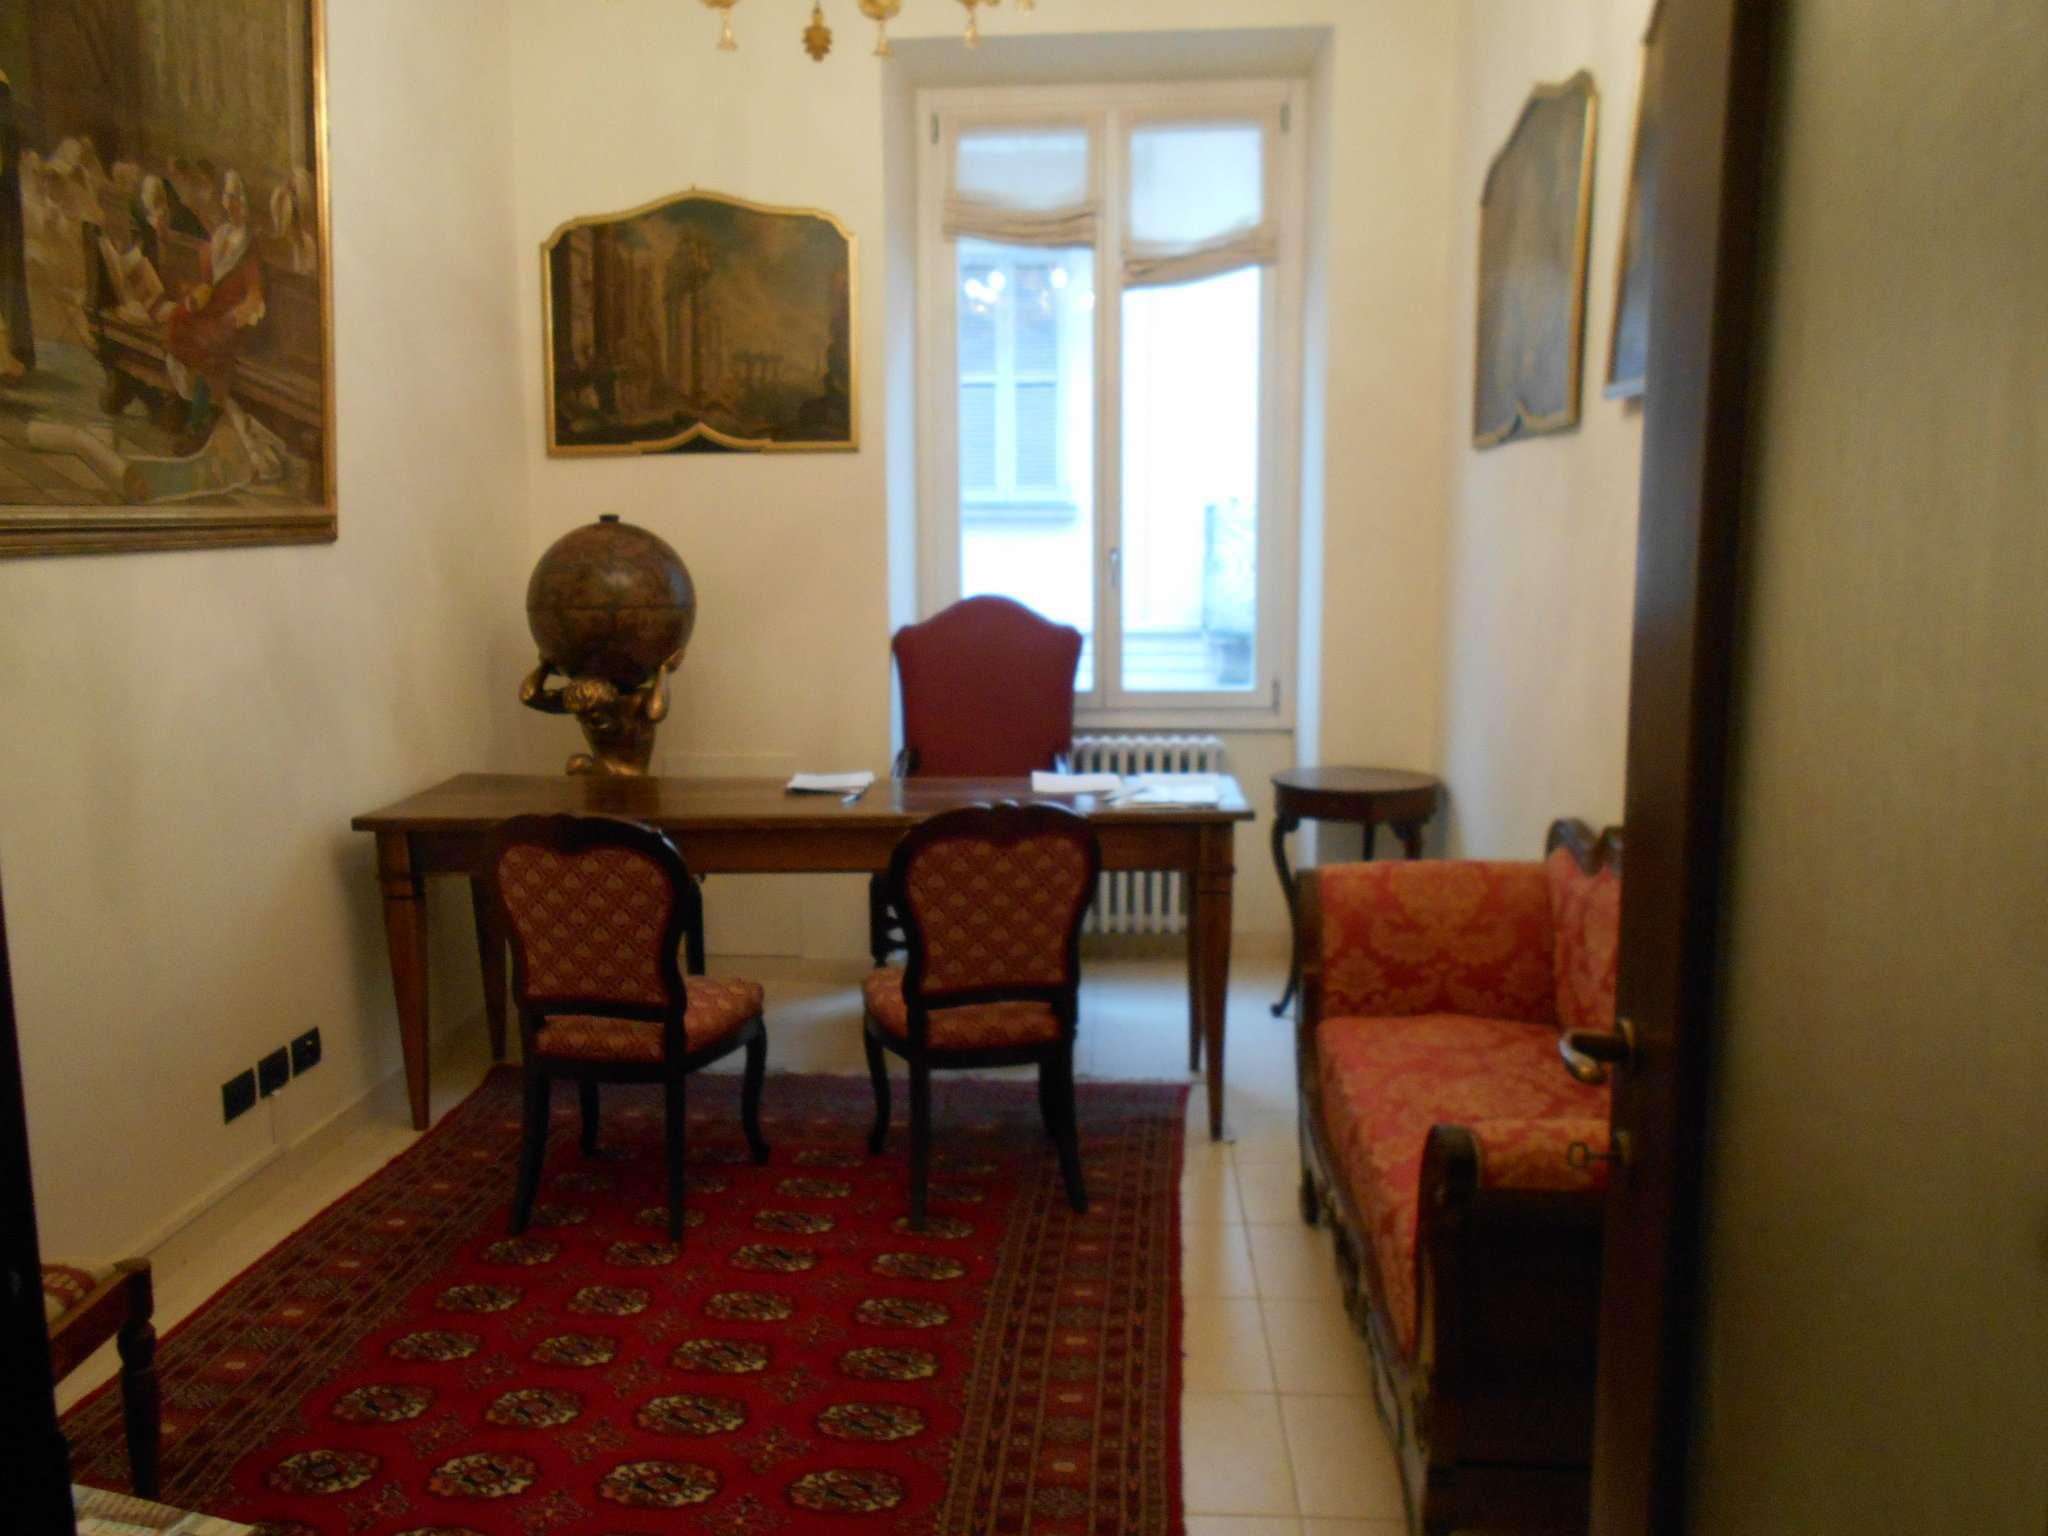 Ufficio / Studio in affitto a Pavia, 1 locali, prezzo € 500 | CambioCasa.it